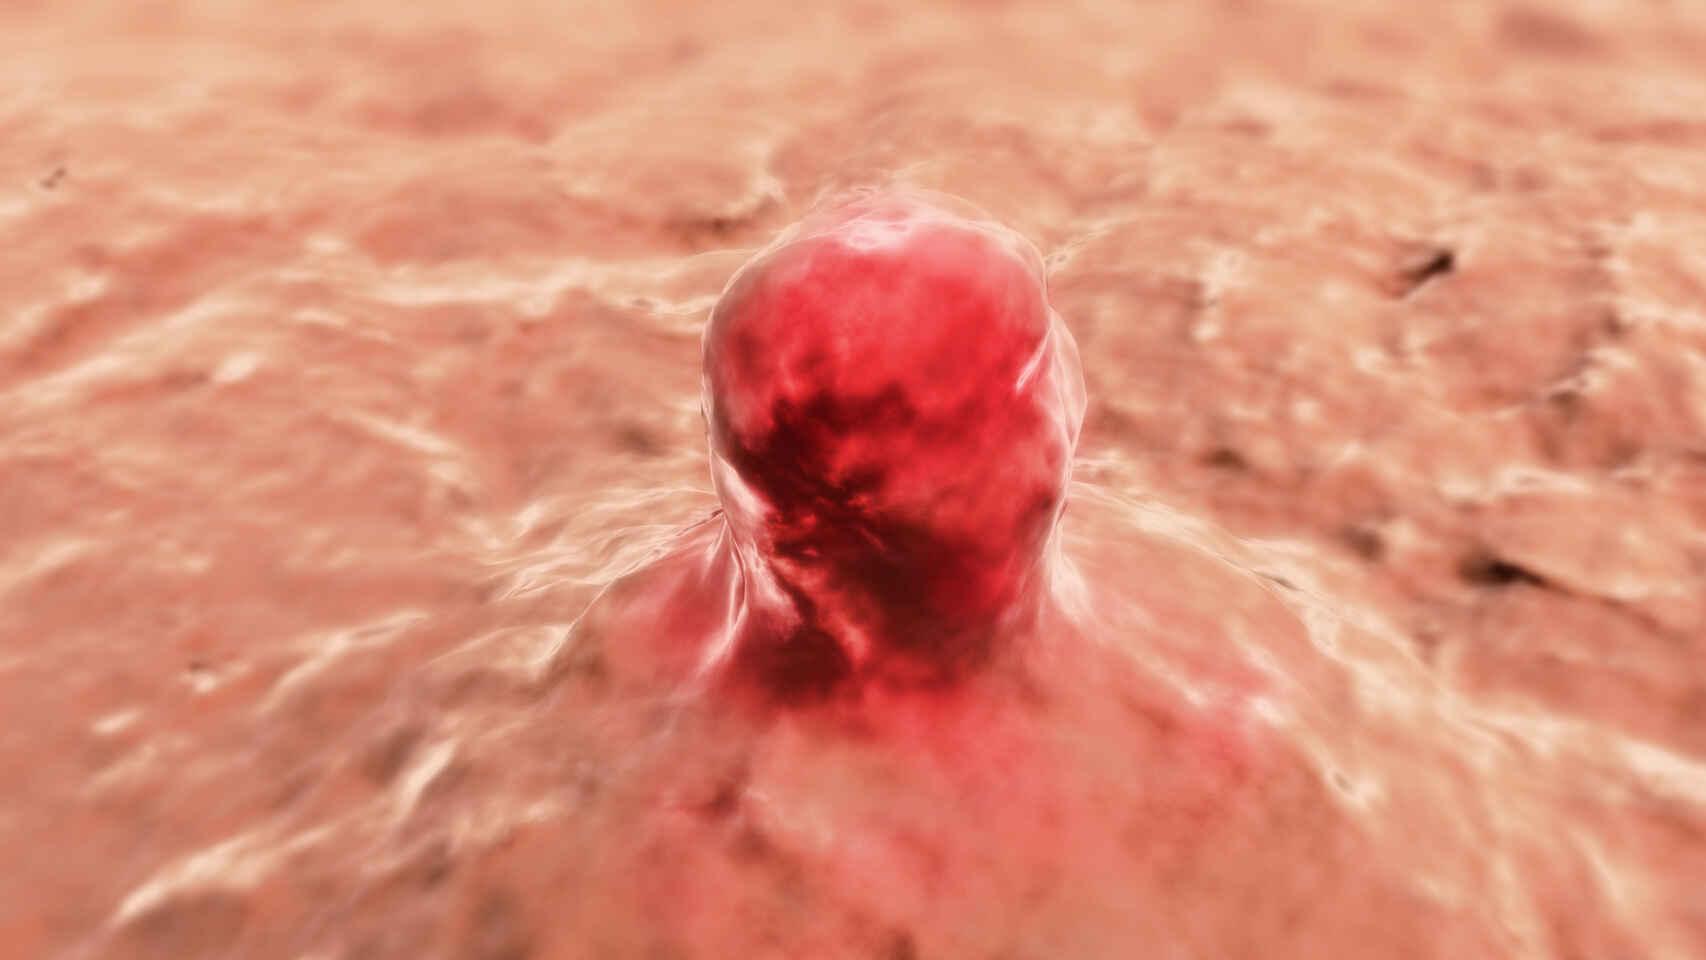 Golpe español al cancer: frenan el melanoma y los tumores de riñon en ratones